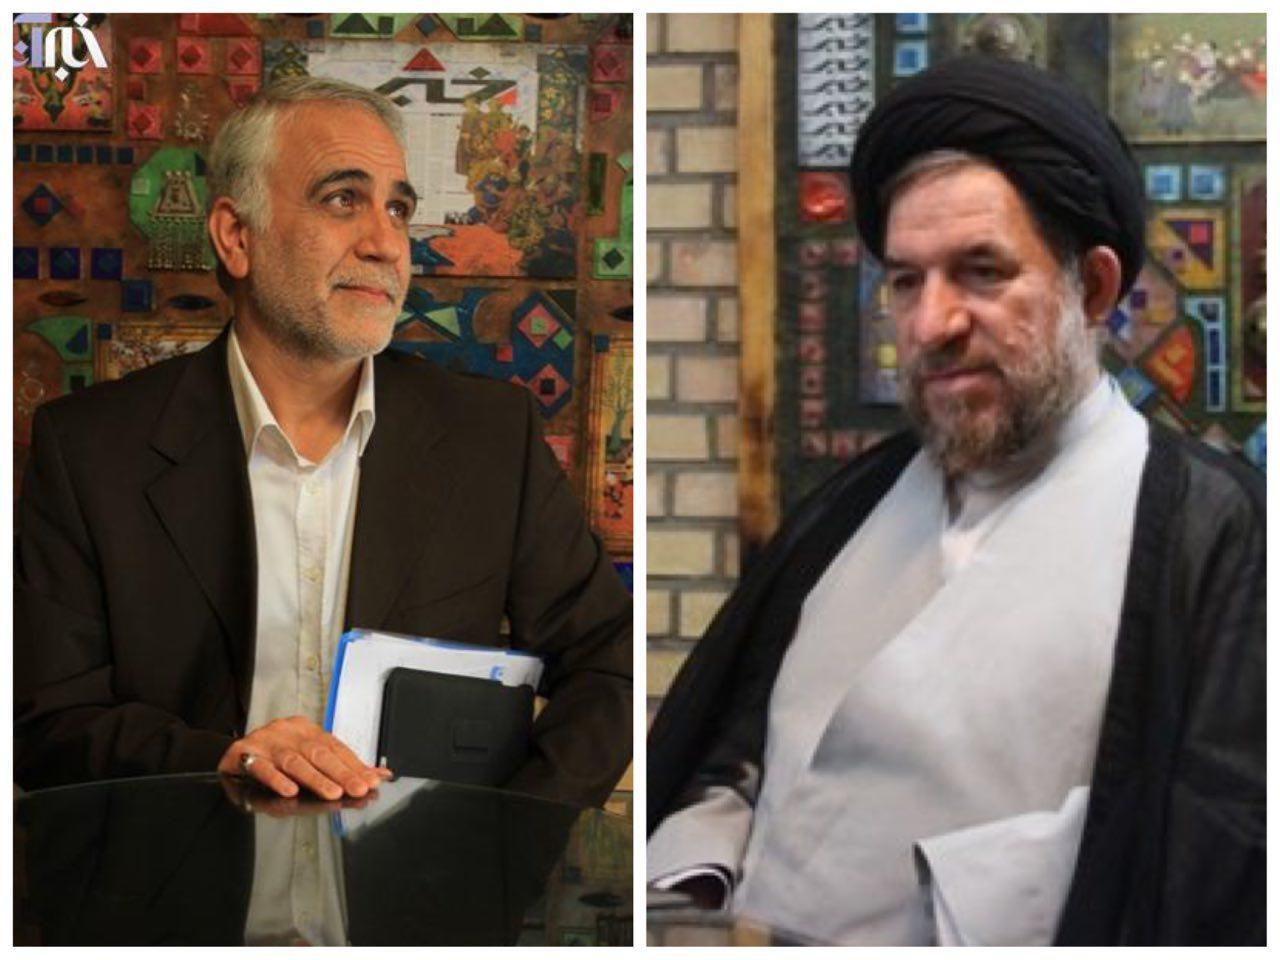 مناظره آنلاین دو عضو کابینه احمدینژاد در خبرآنلاین؛ یک وزیر مستعفی و یک معاون وفادار